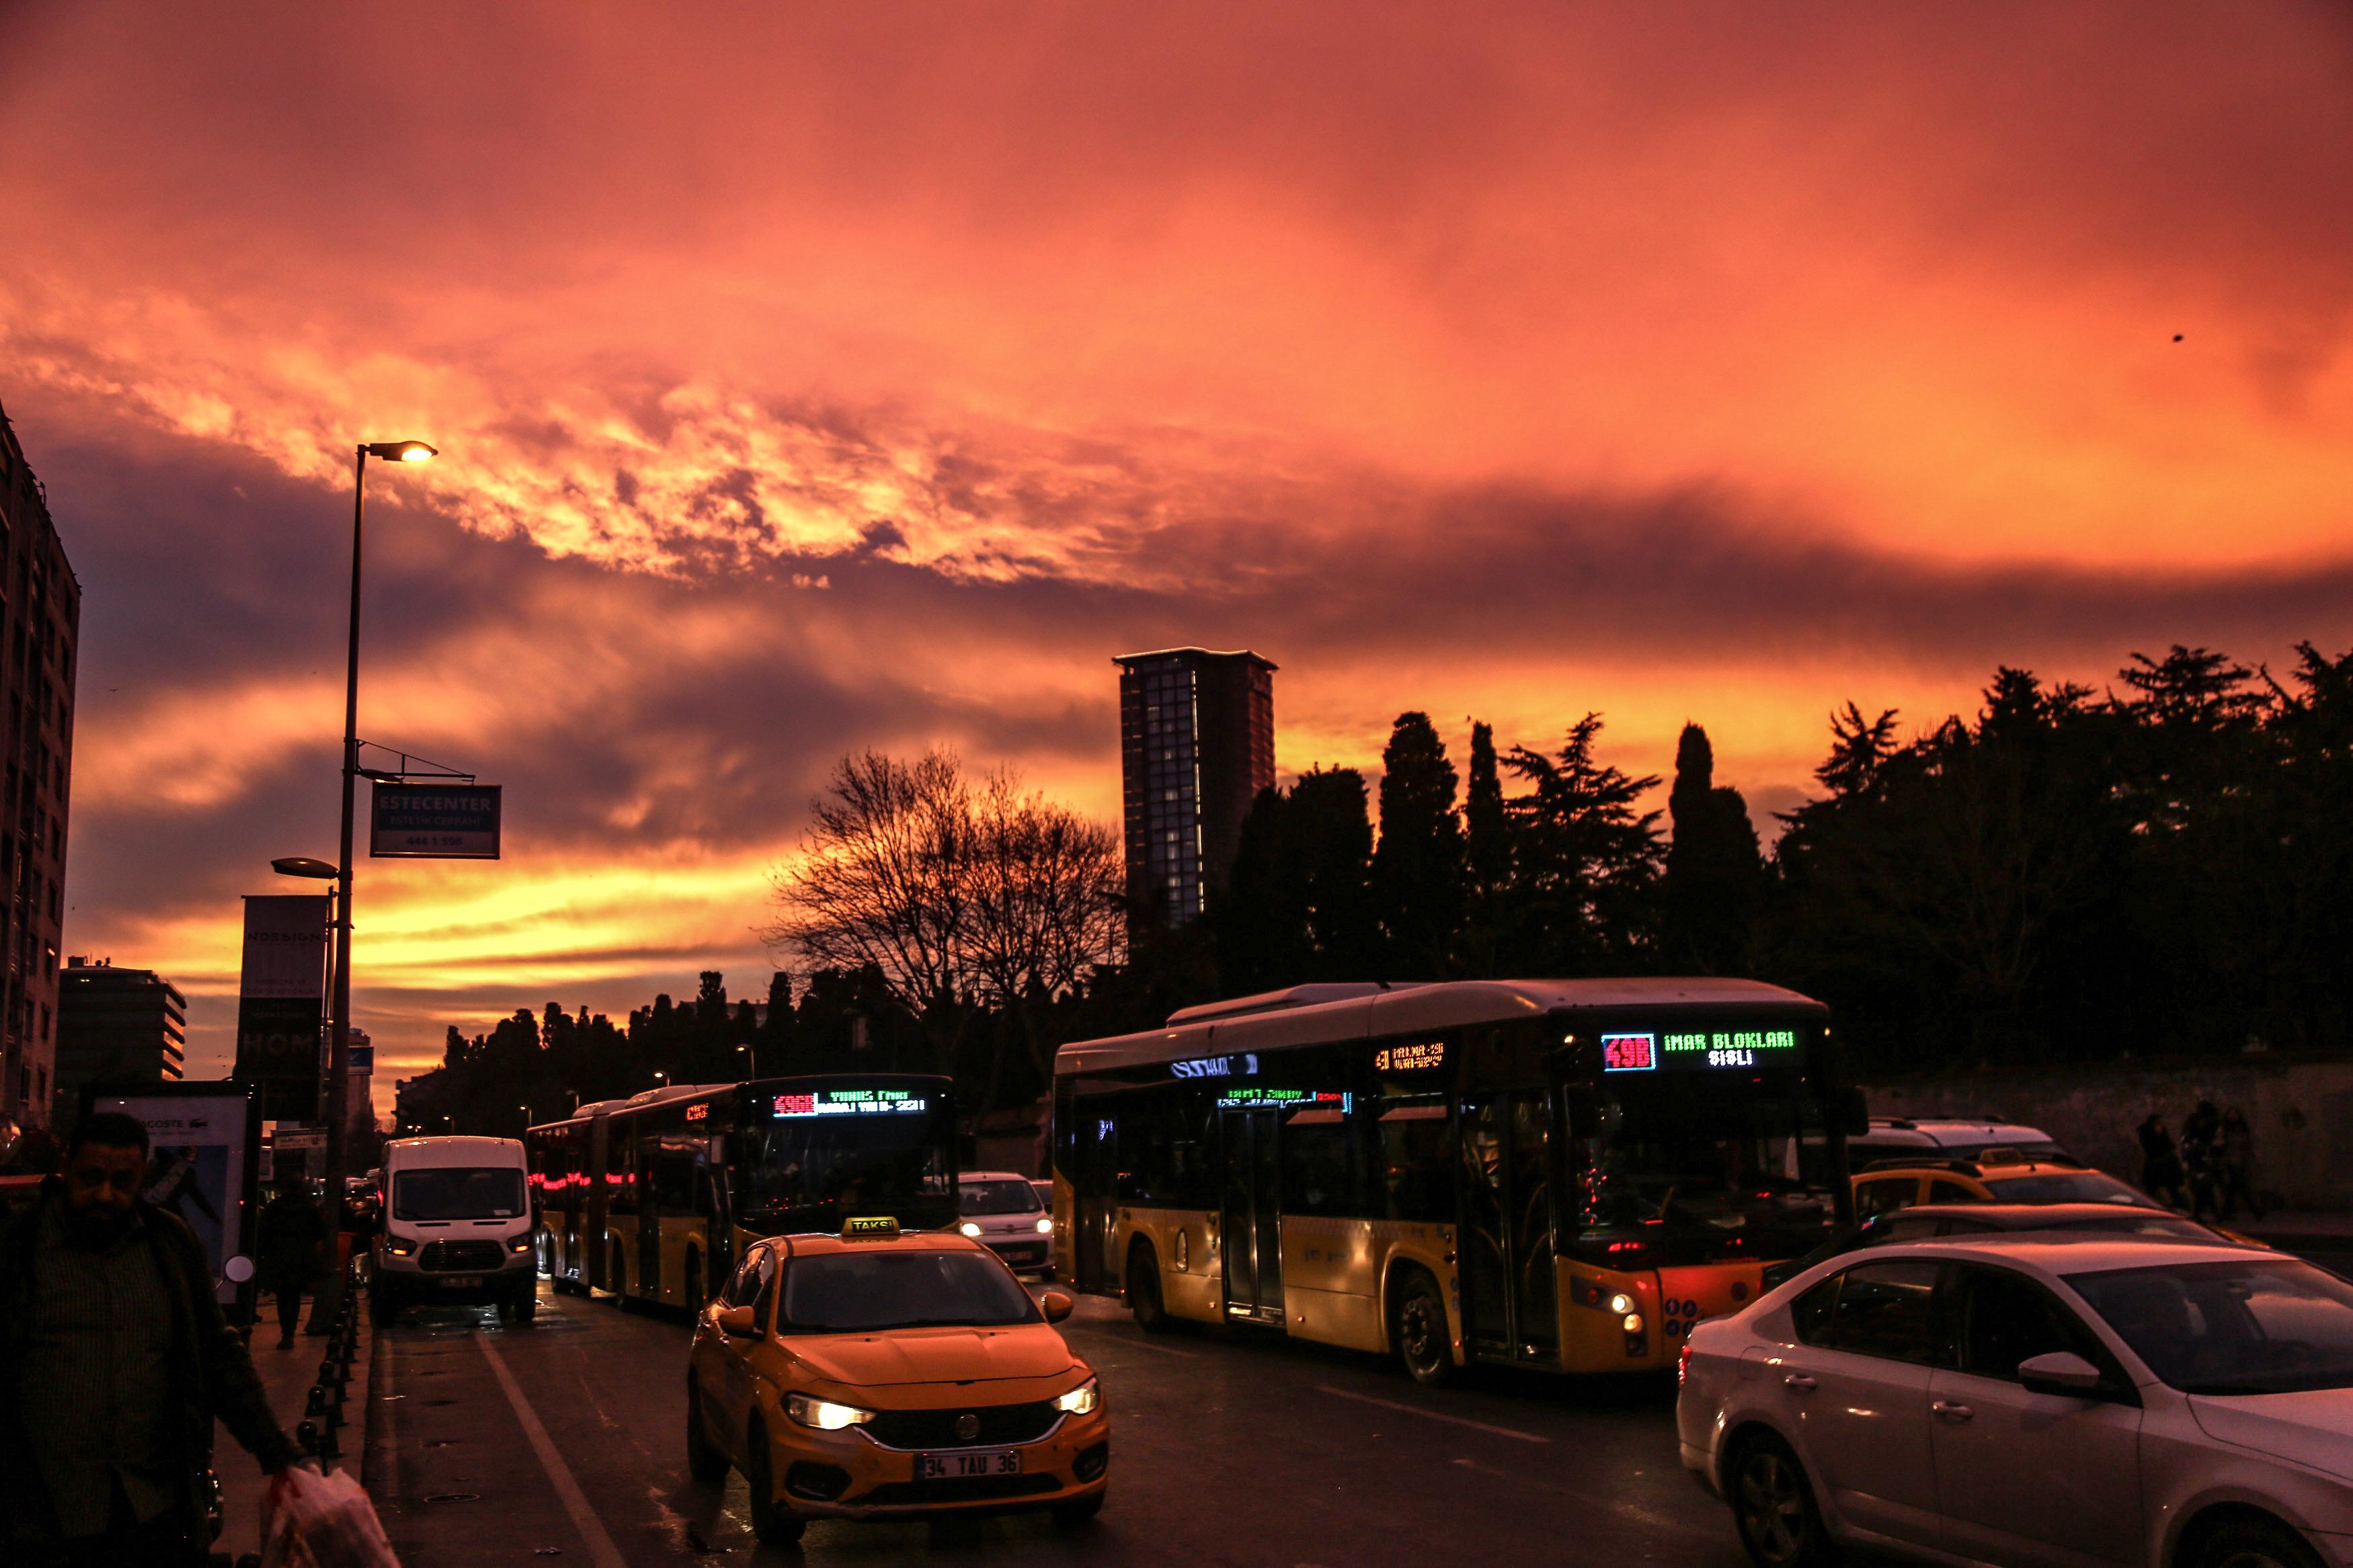 İstanbul'da gökyüzü kızıla boyandı 1